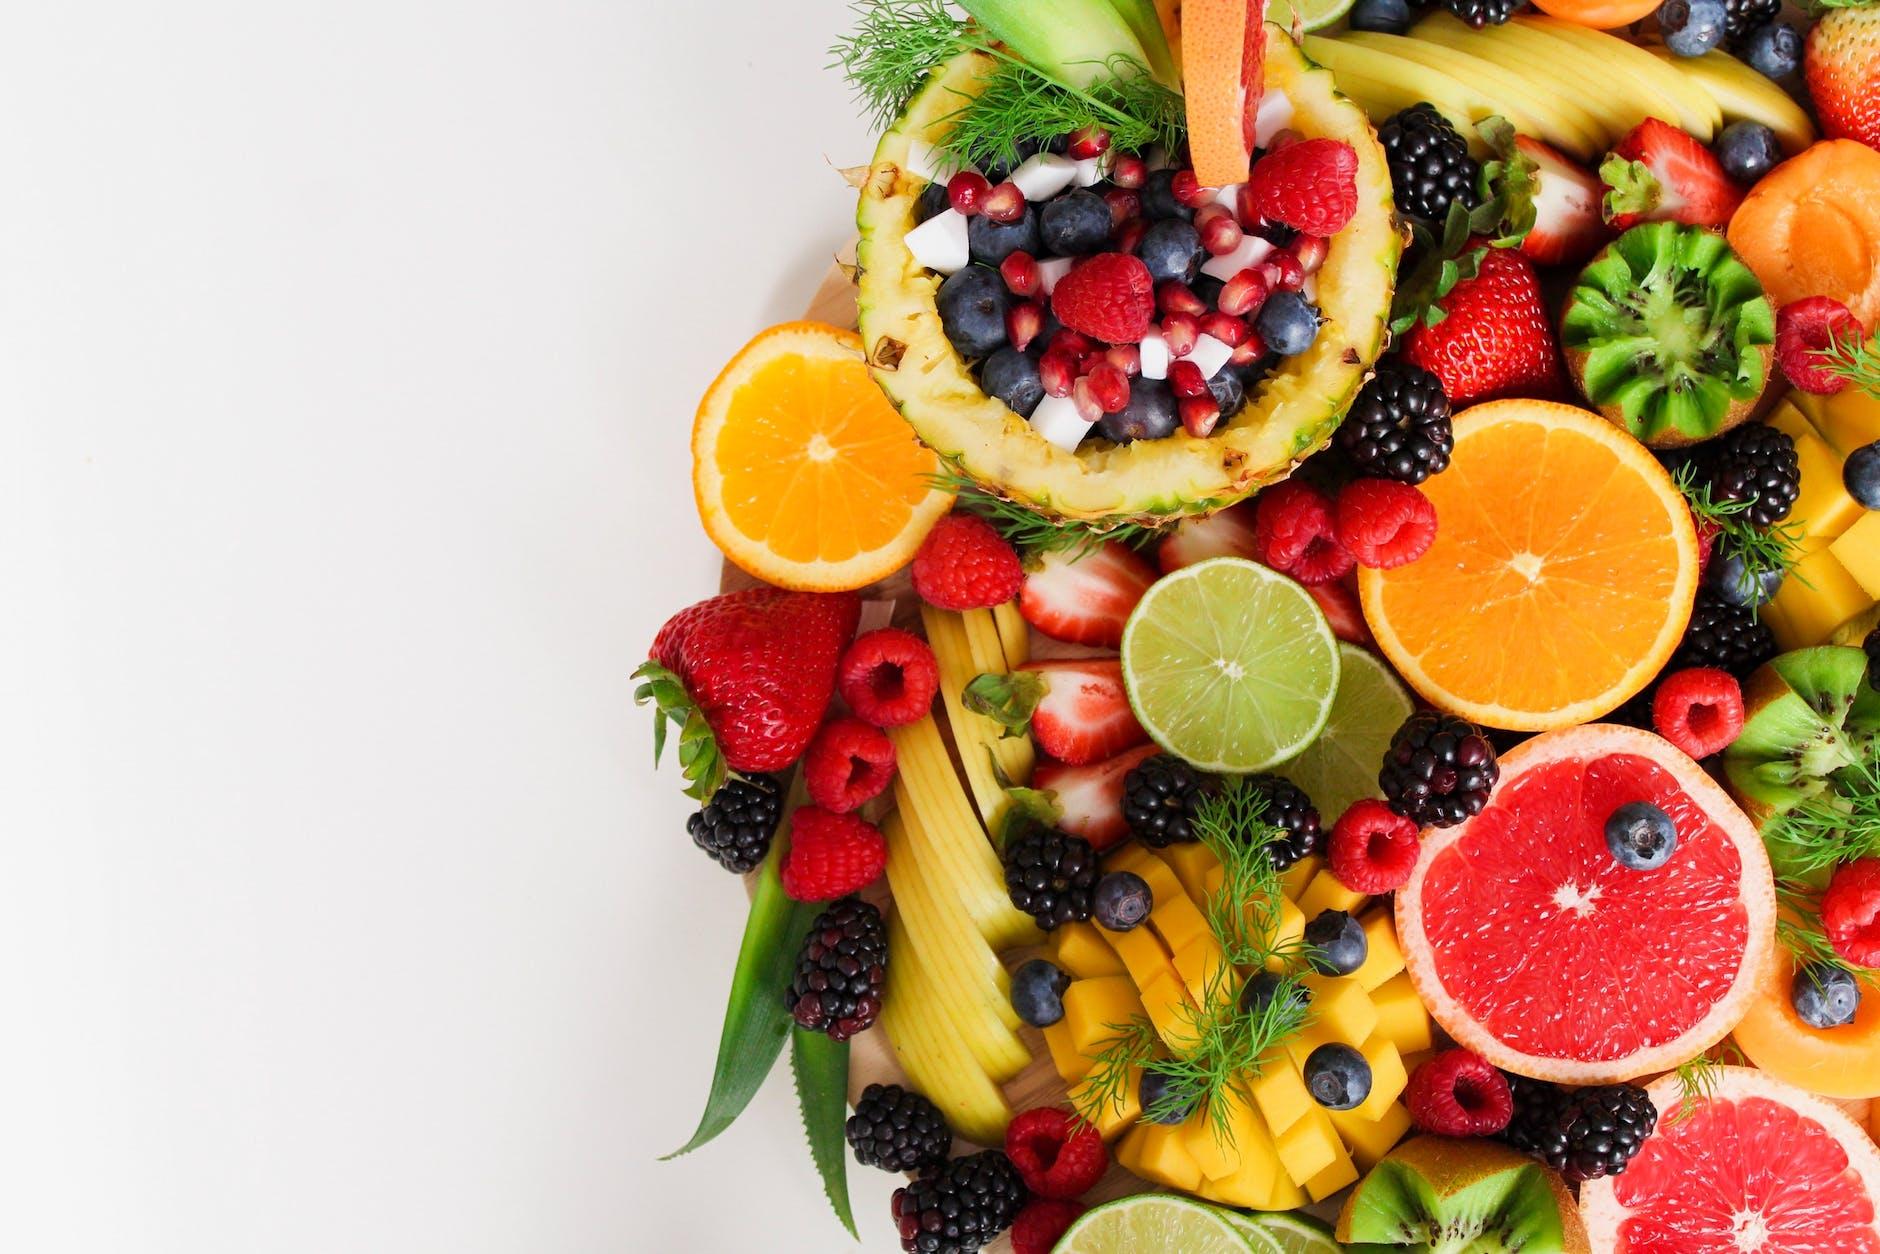 tips mencegah dehidrasi saat puasa konsumsi buah dan sayuran